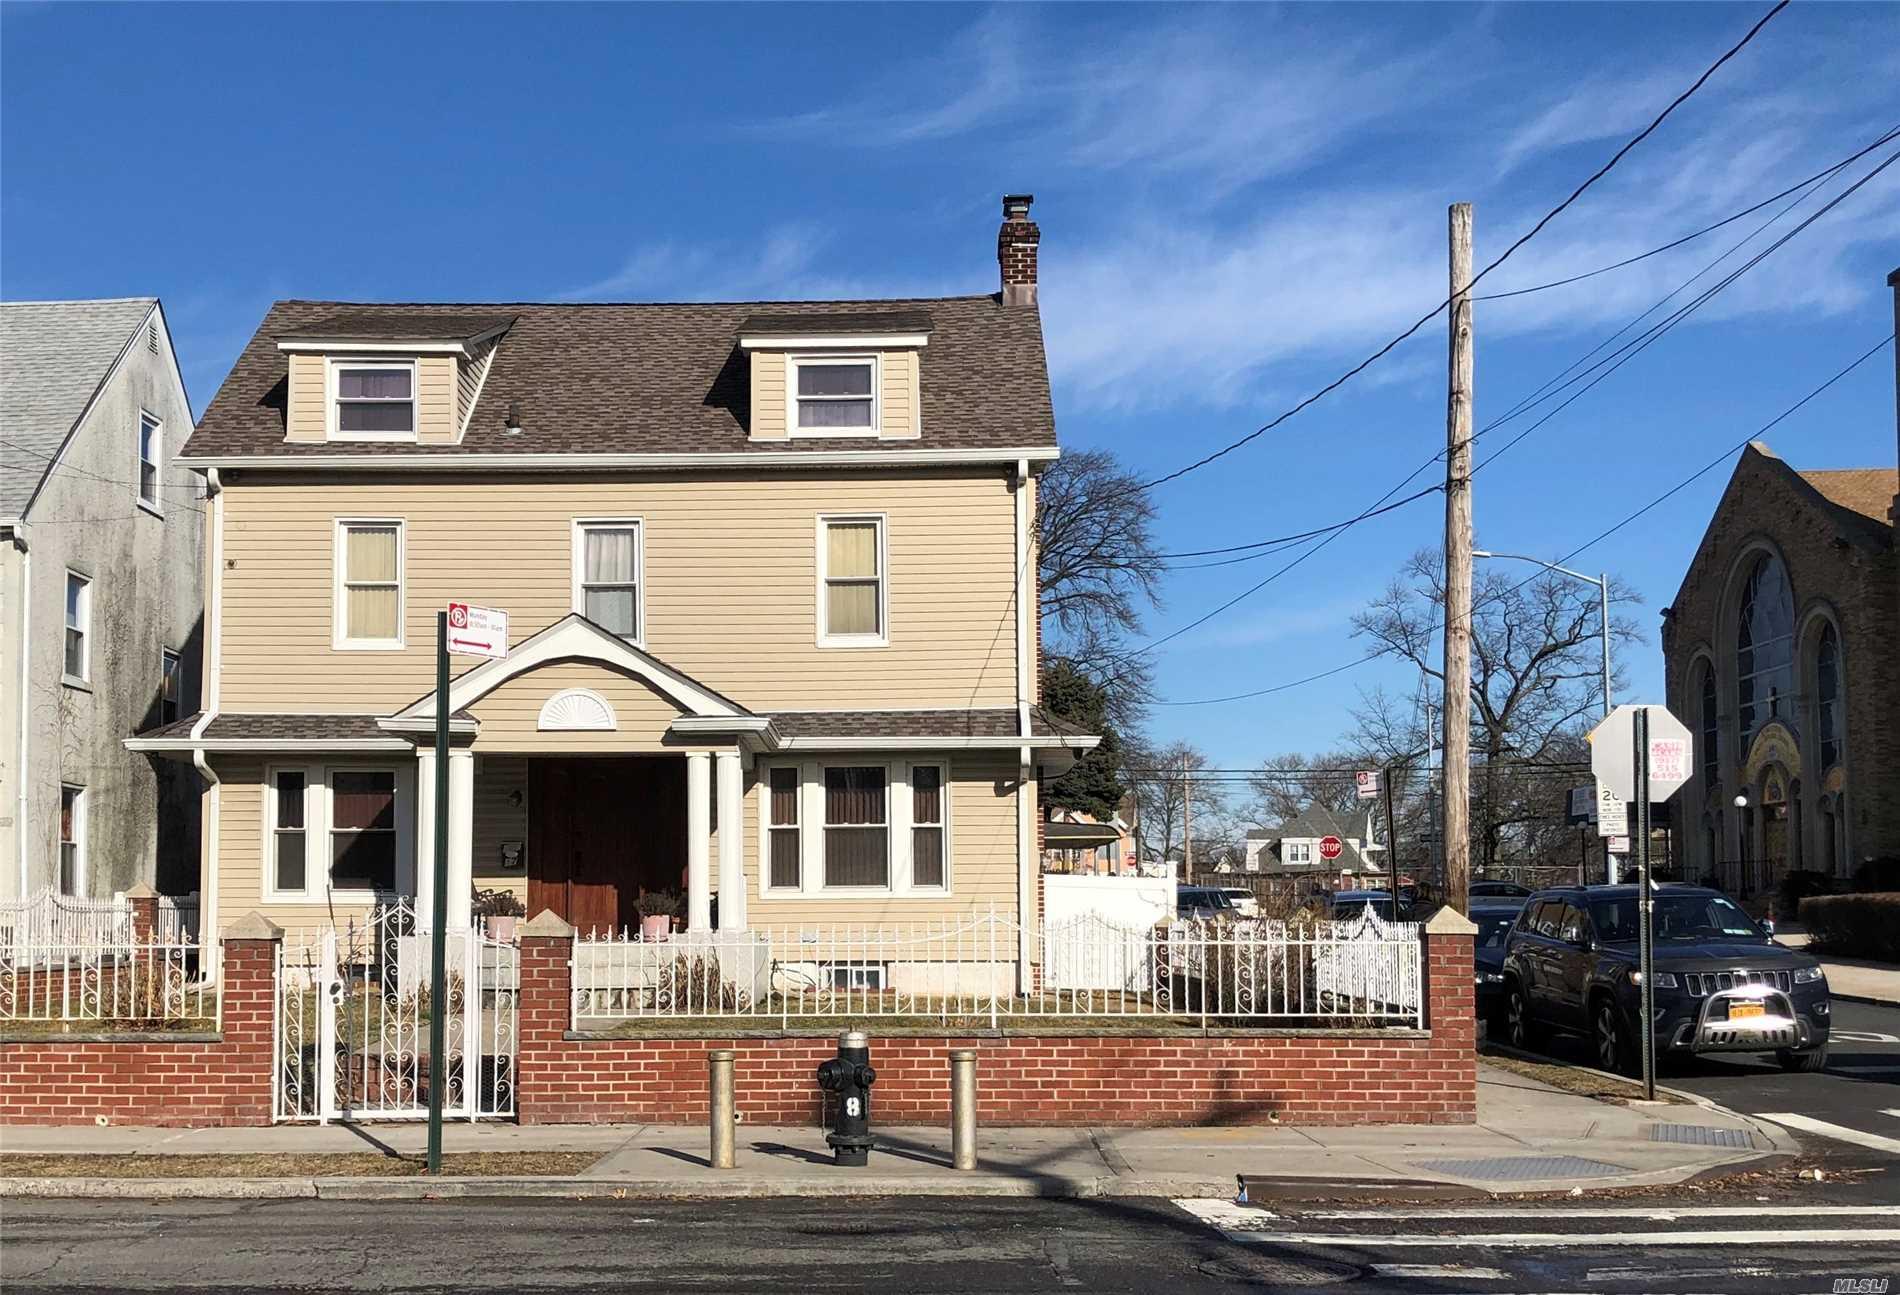 151-17 84th Dr Briarwood, NY 11432